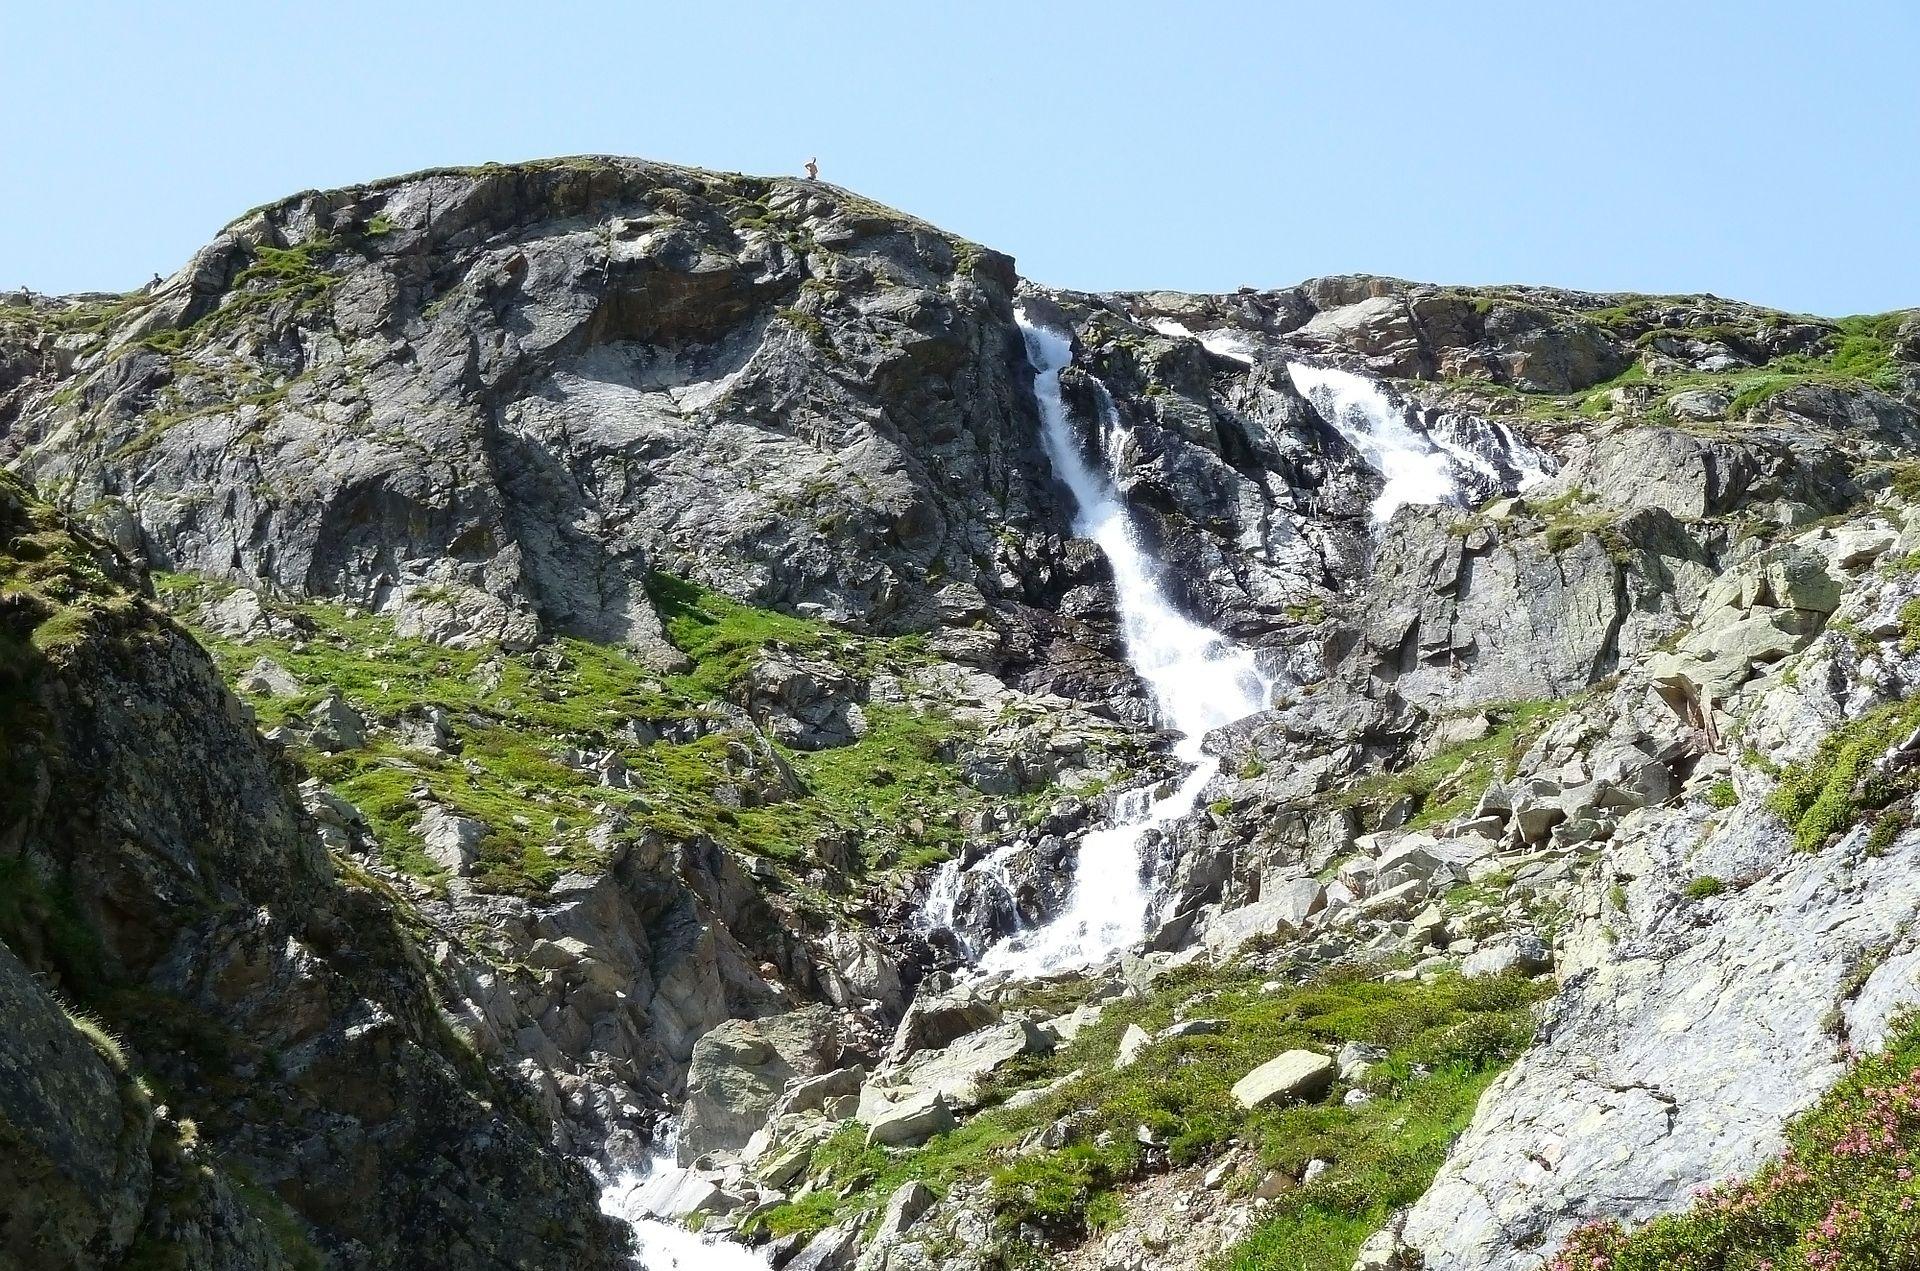 PRONAĐENI U PODNOŽJU LITICE Samoubojstvo obitelji u švicarskim planinama